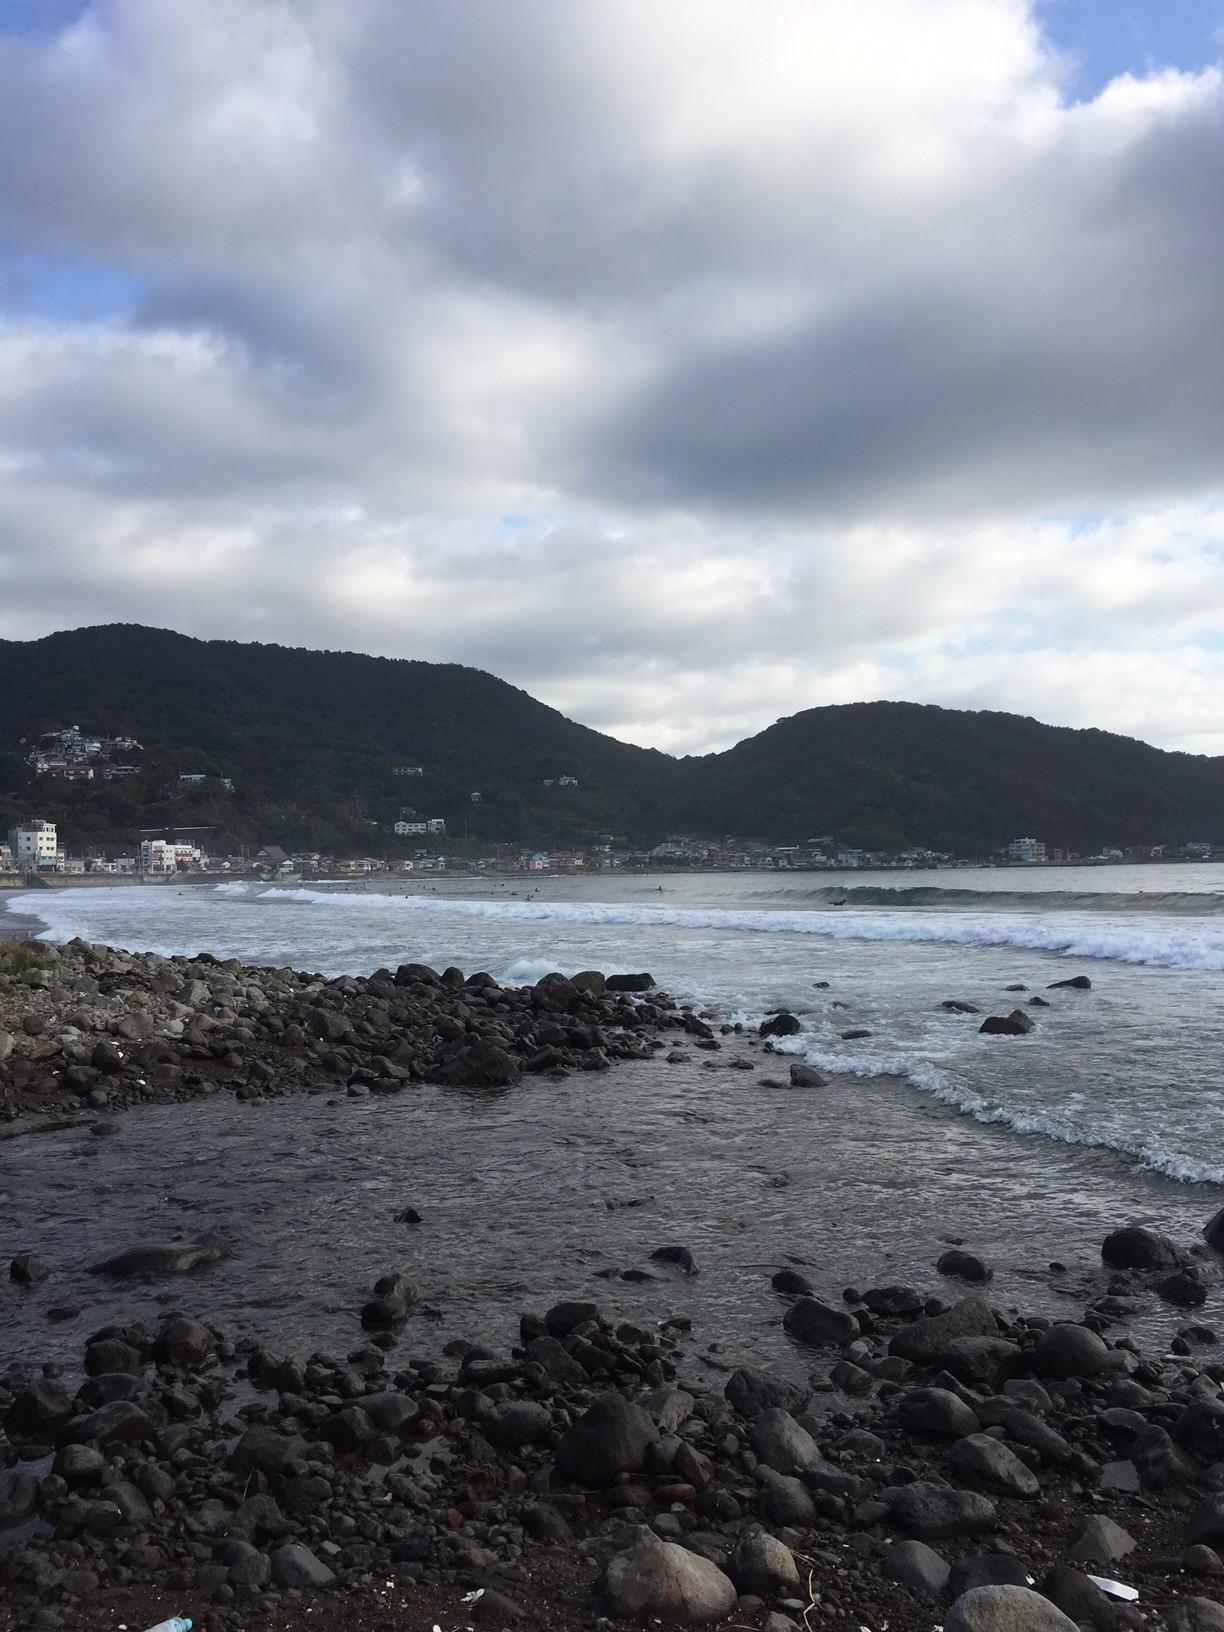 【サーフィン】文化の日は東伊豆の宇佐美で波乗り!サーファー多し!